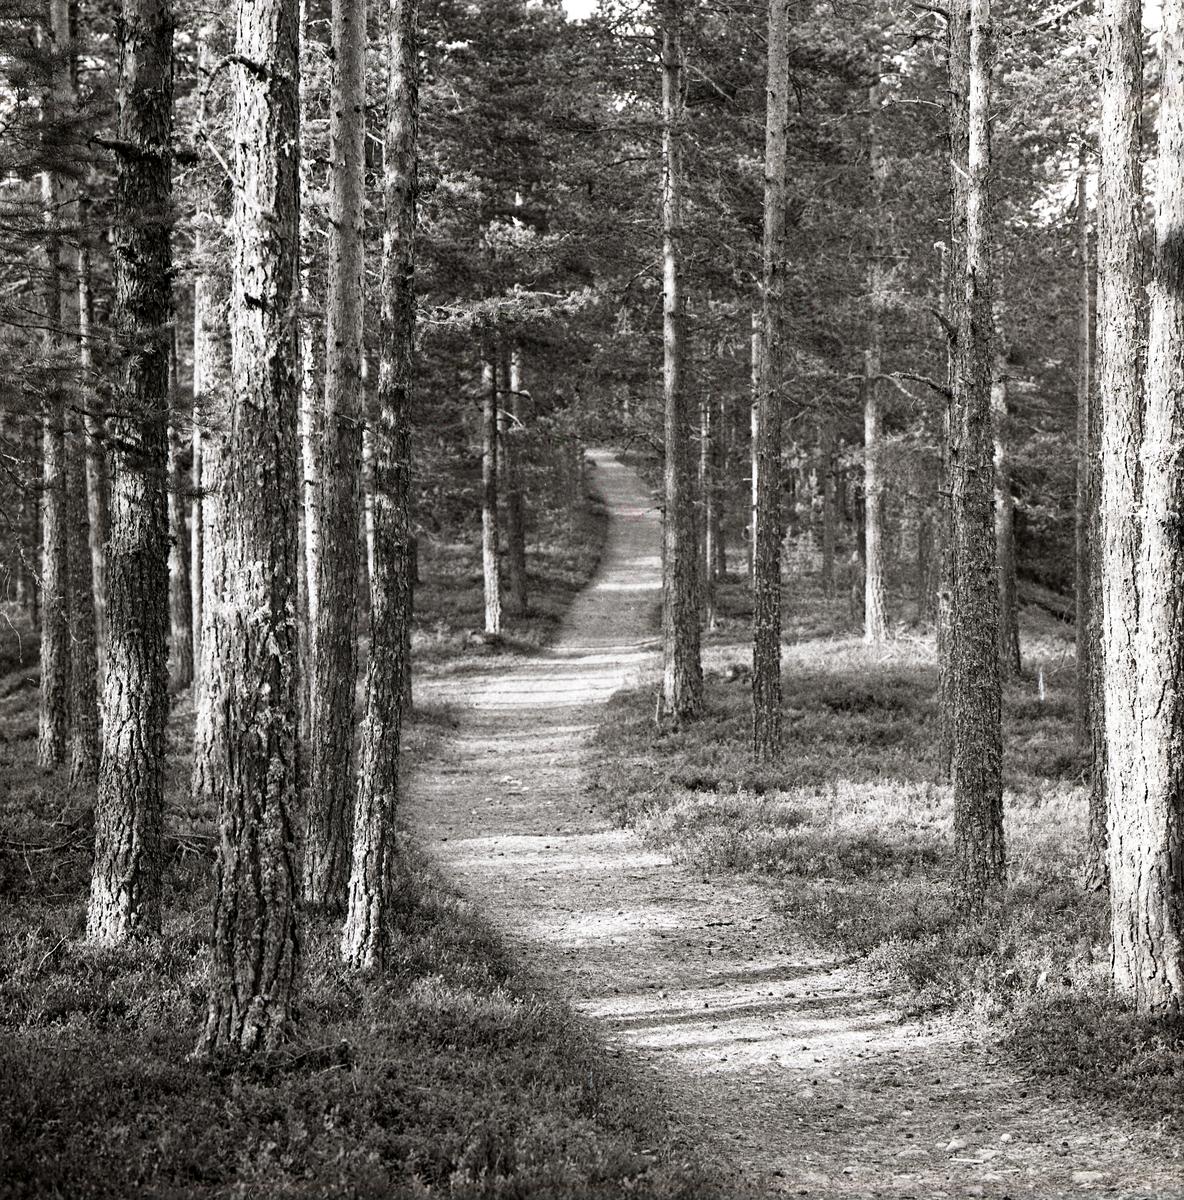 En väg går genom en tallskog vid Åsvägen i Östra Höle, 6 oktober 1966.